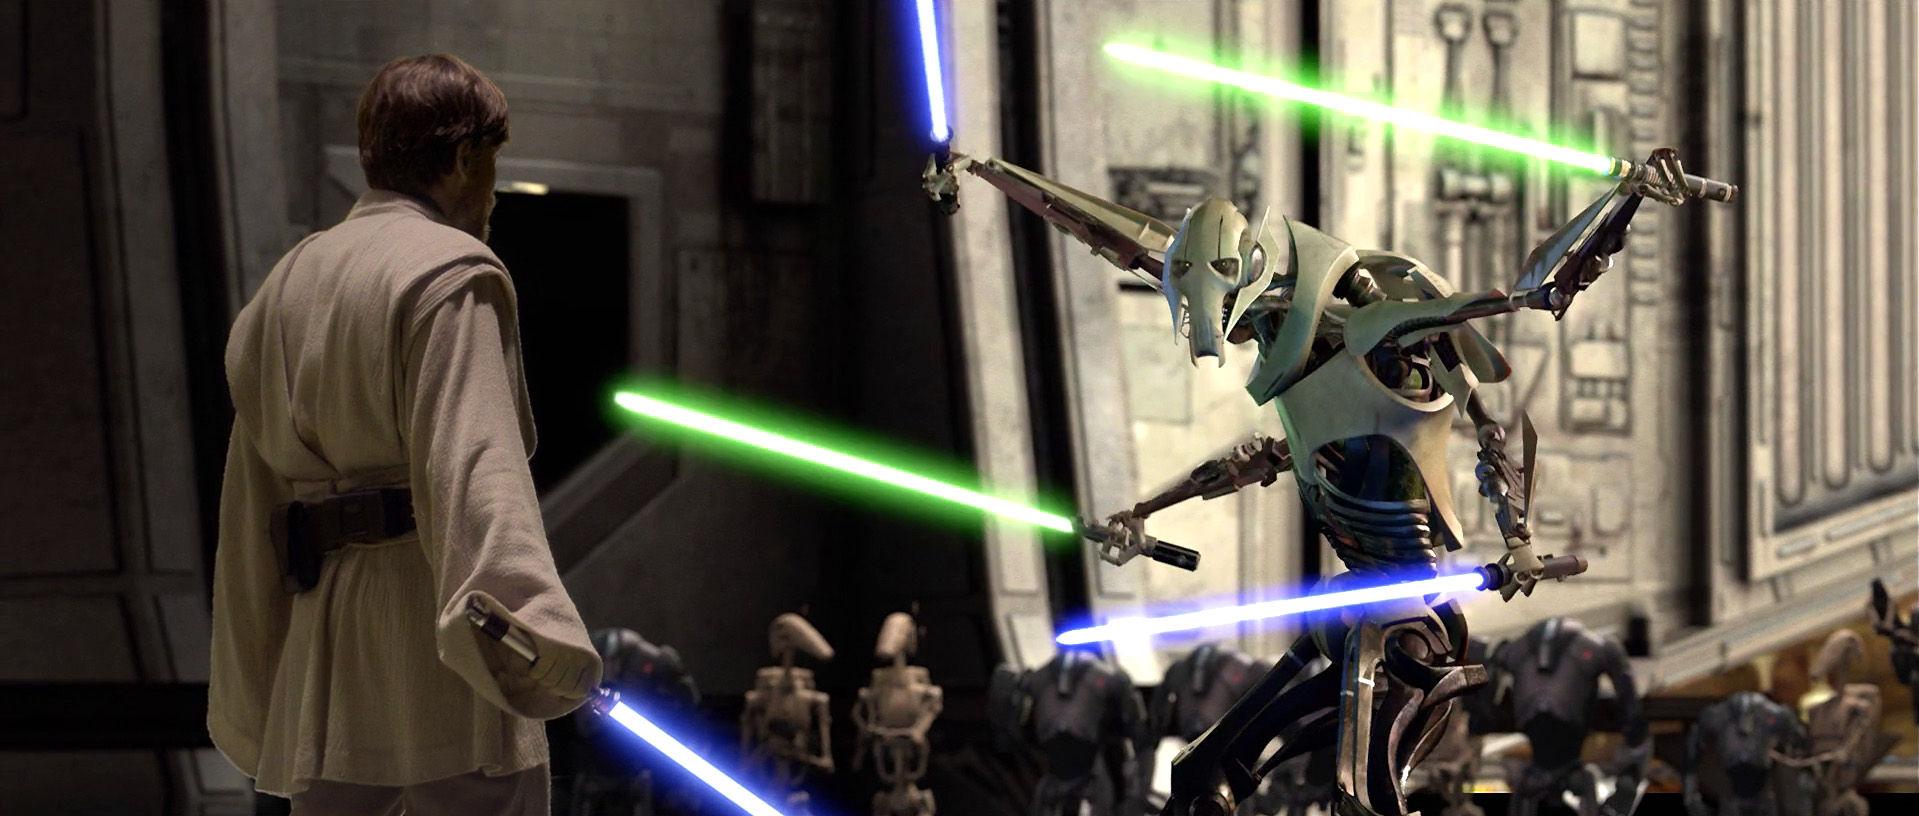 Star-Wars-3-Revenge-of-the-Sith-Obi-Wan-Kenobi-vs-General-Grievous